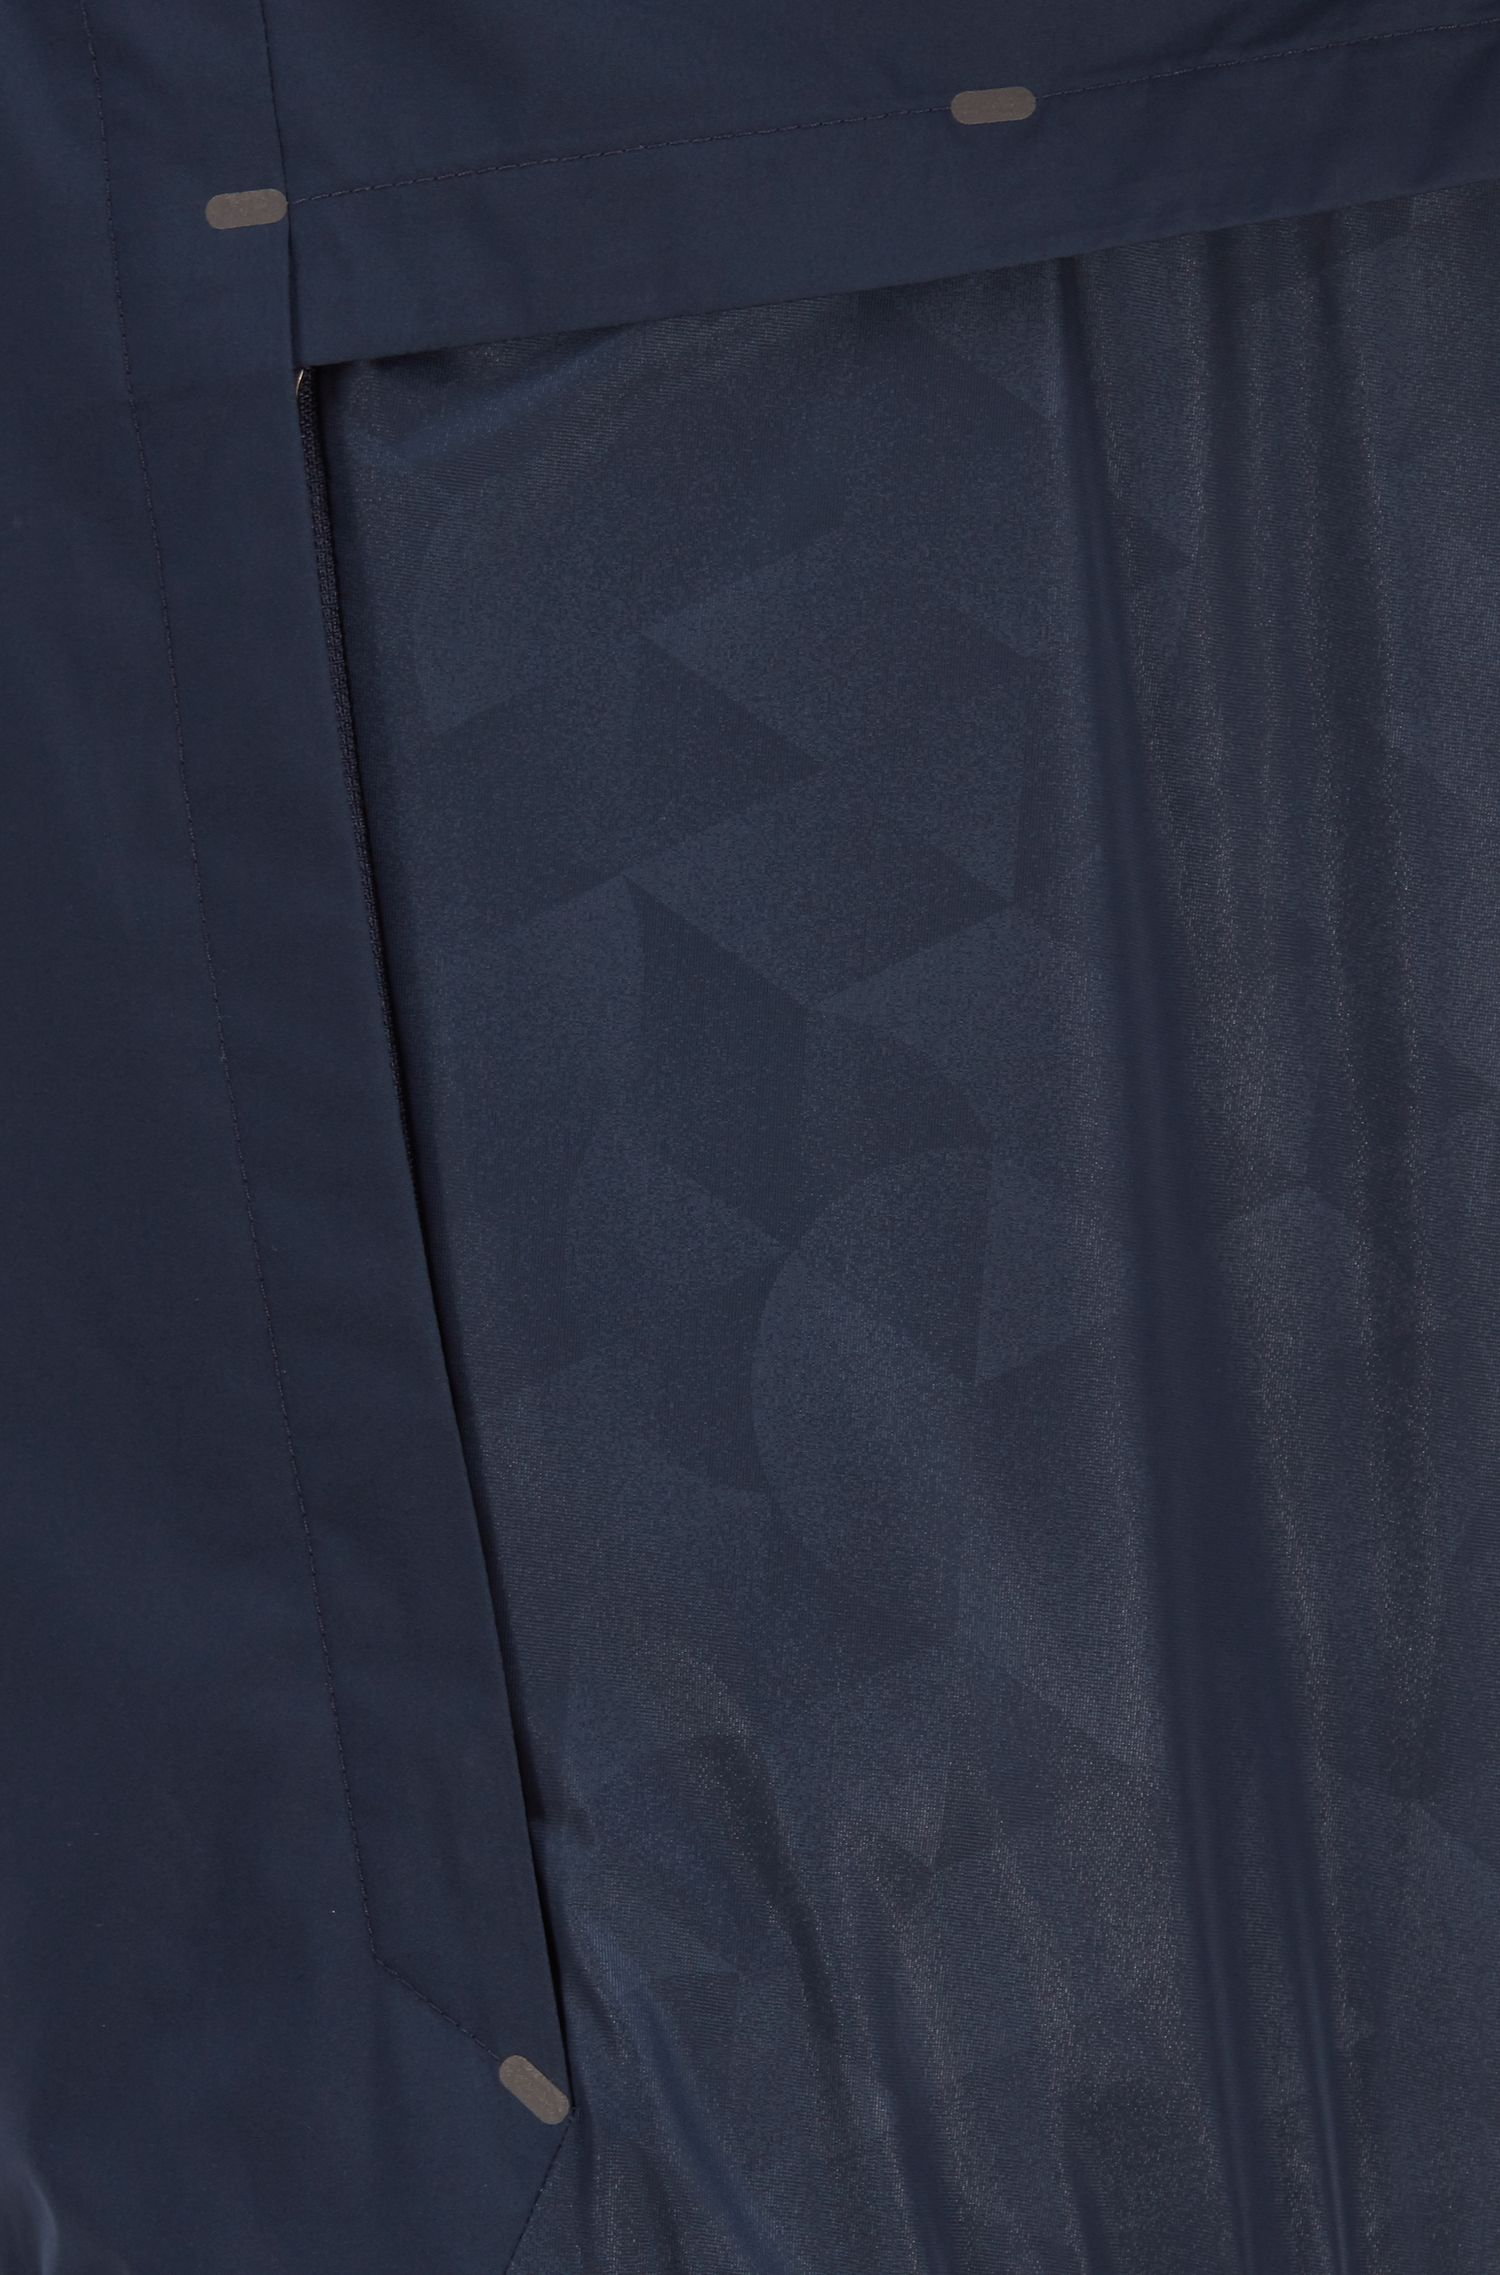 Veste imperméable en tissu stratifié double couche, au toucher doux